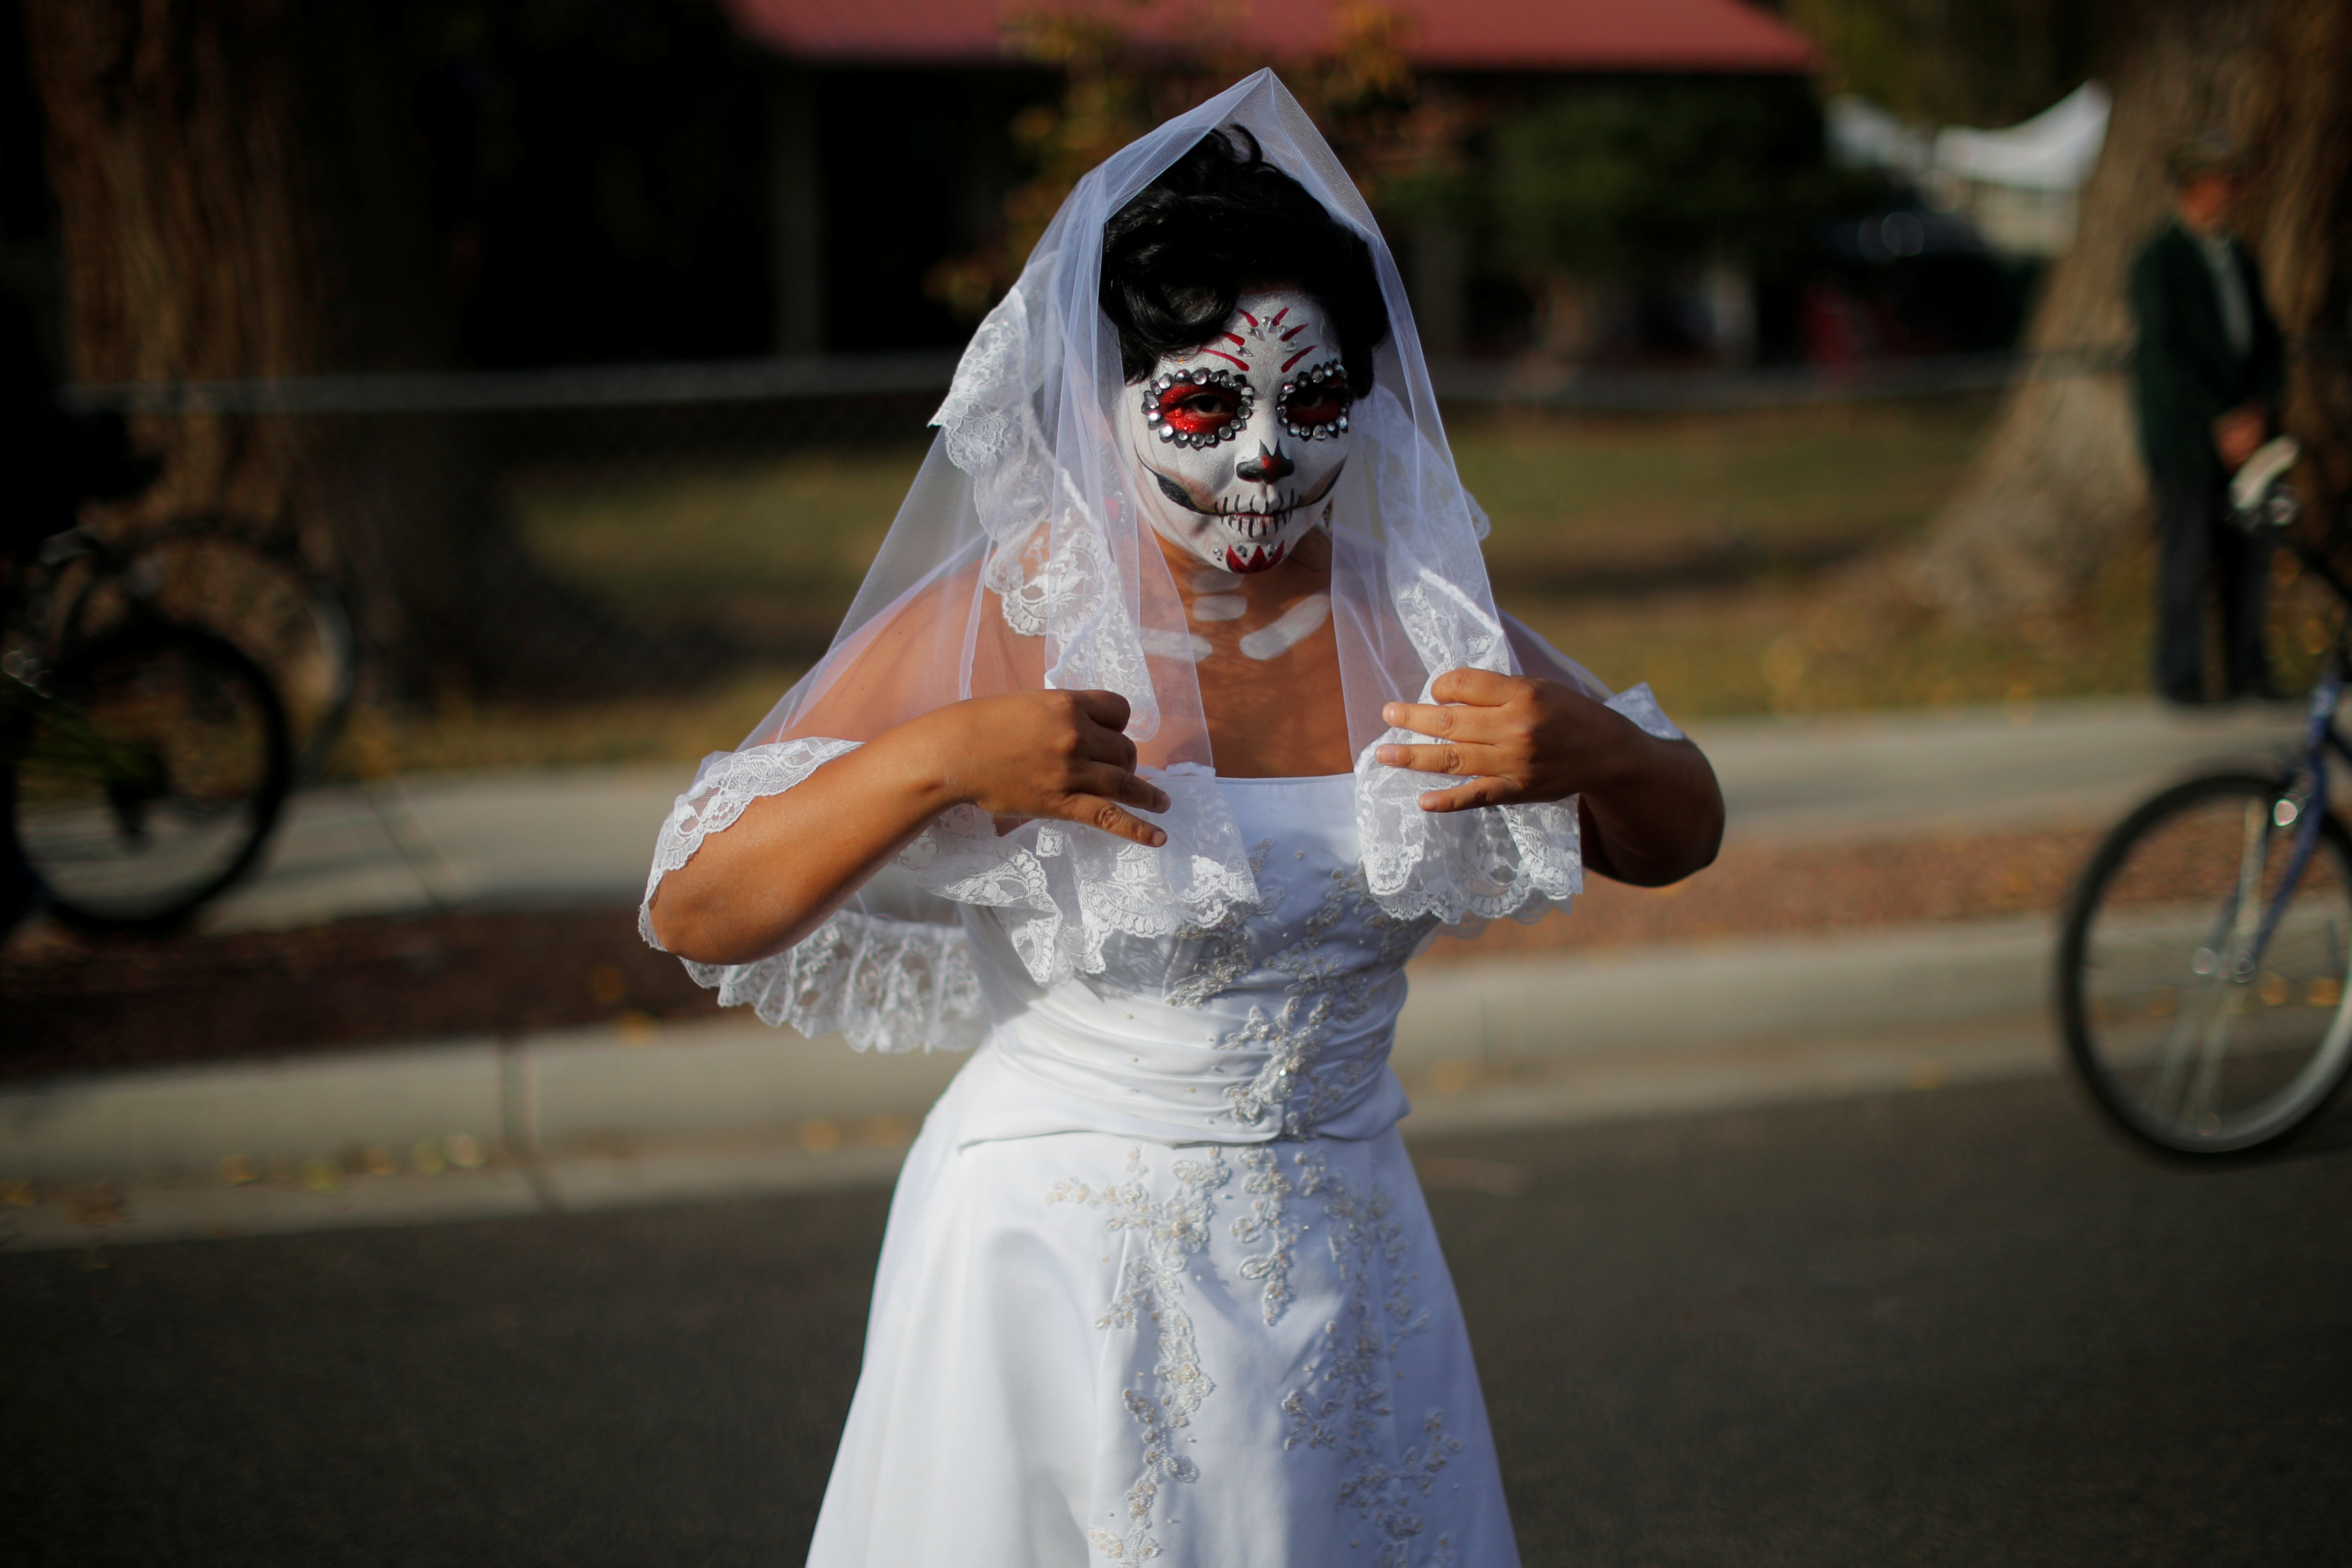 مكسيكيون يحتفلون بـيوم الموتى (3)